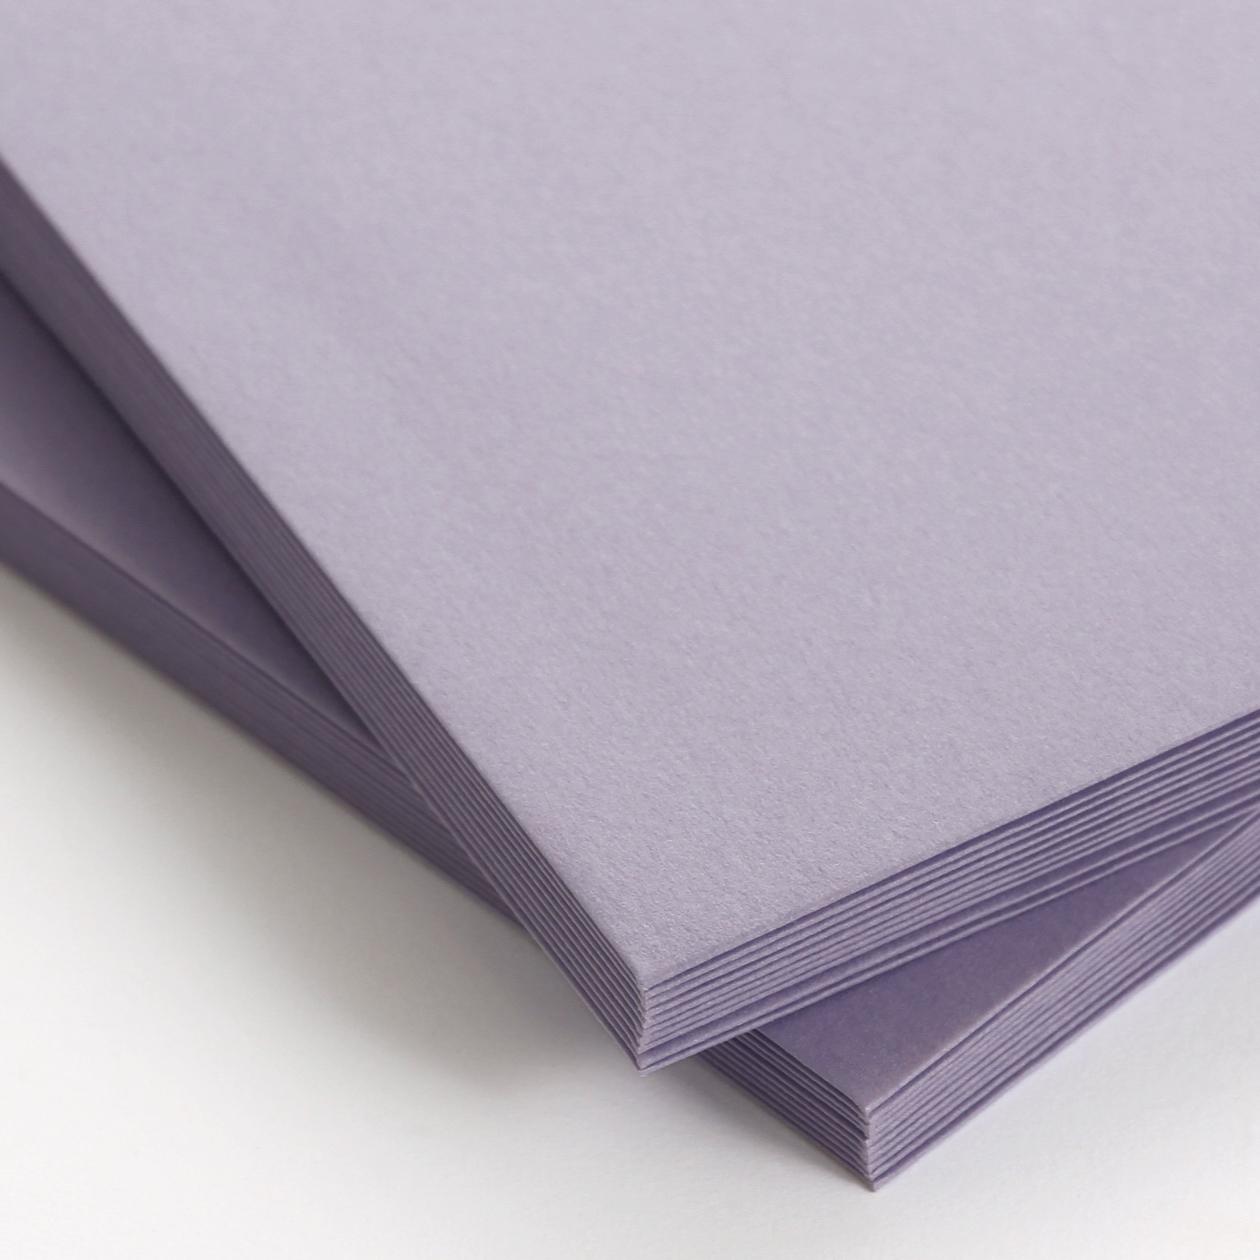 洋2カマス封筒 コットン(NTラシャ) うす藤紫 116.3g